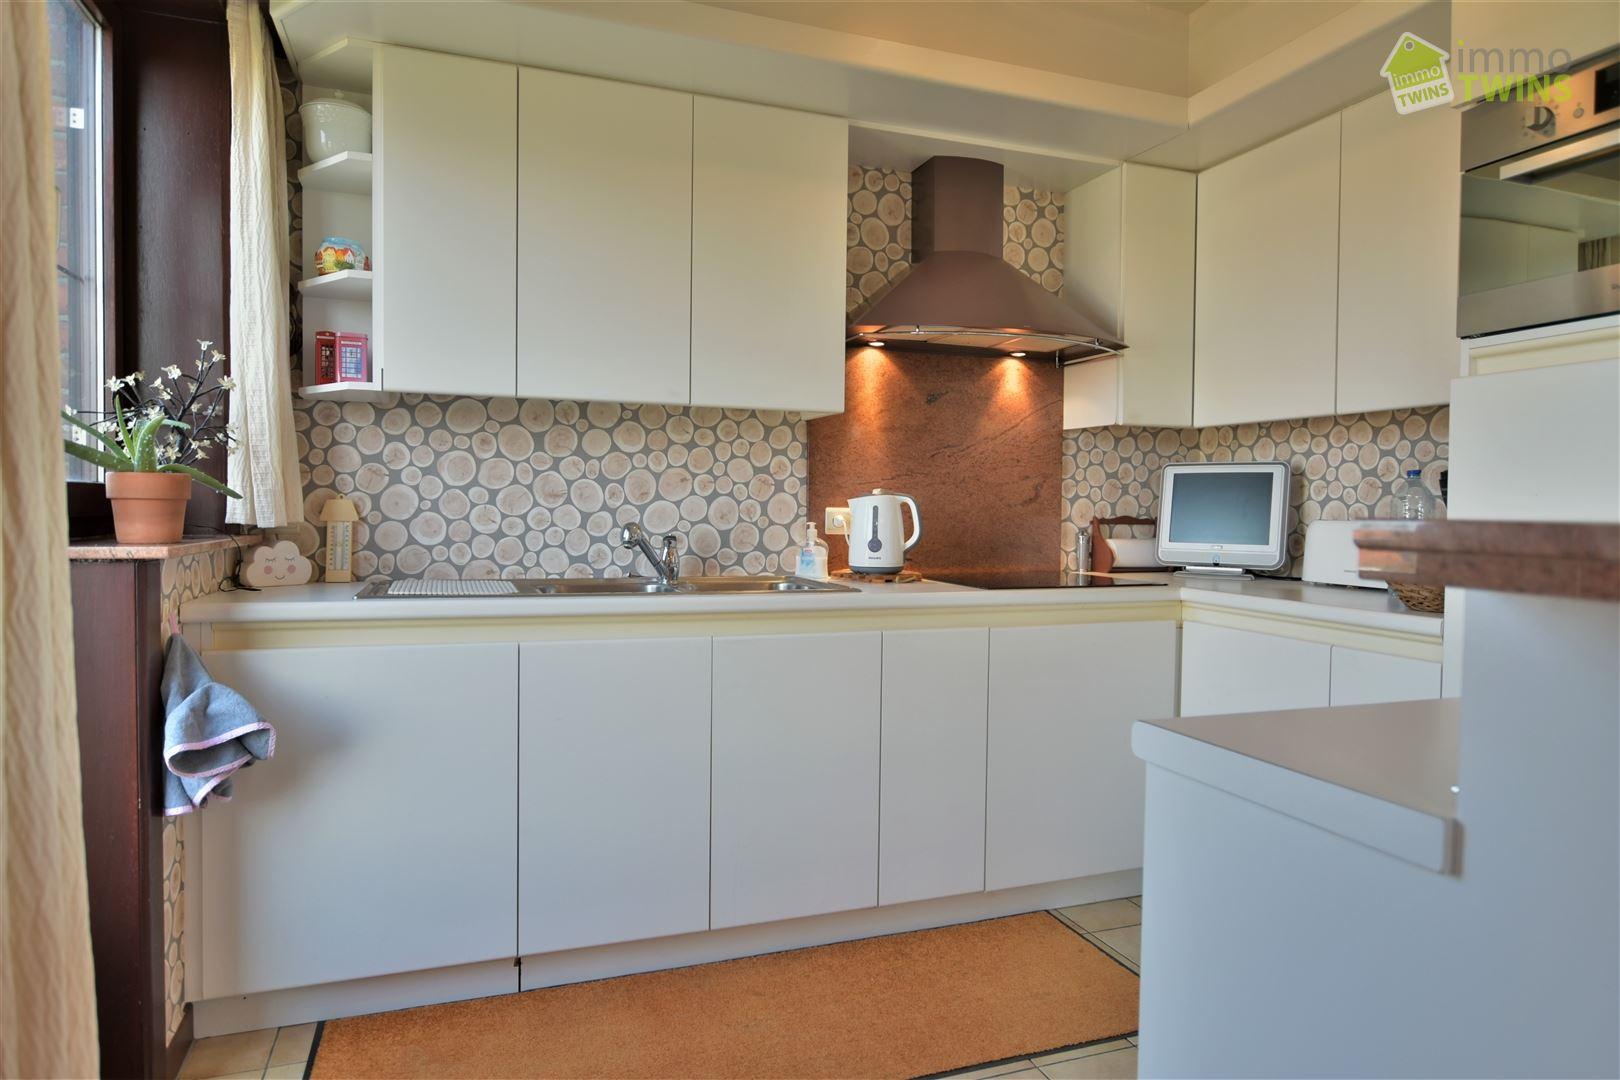 Foto 5 : Appartement te 9300 AALST (België) - Prijs € 224.000